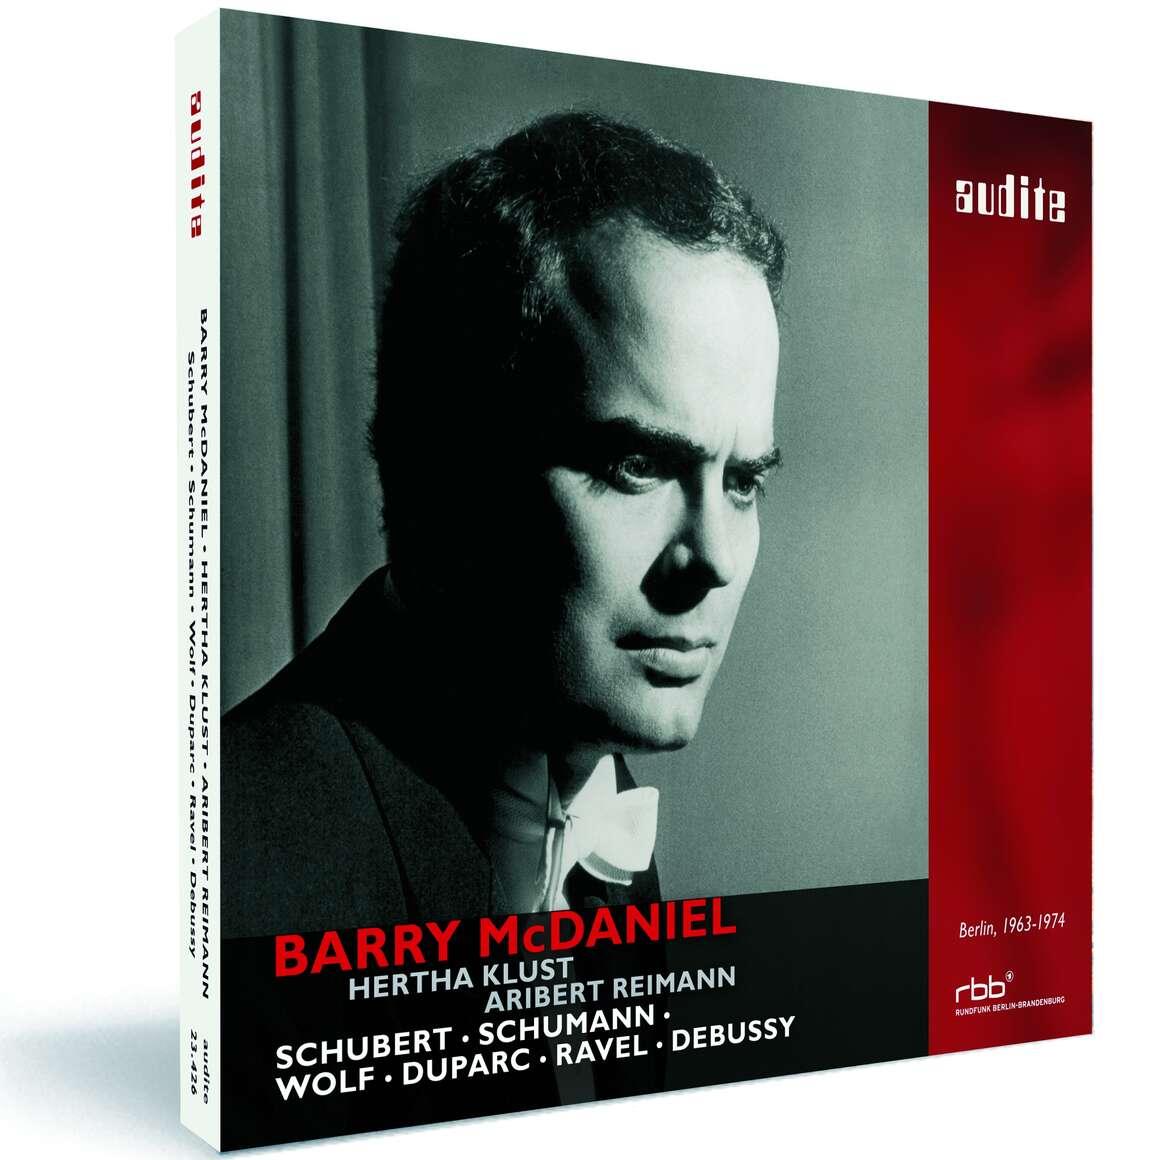 Barry McDaniel sings Schubert, Schumann, Wolf, Duparc, Ravel & Debussy